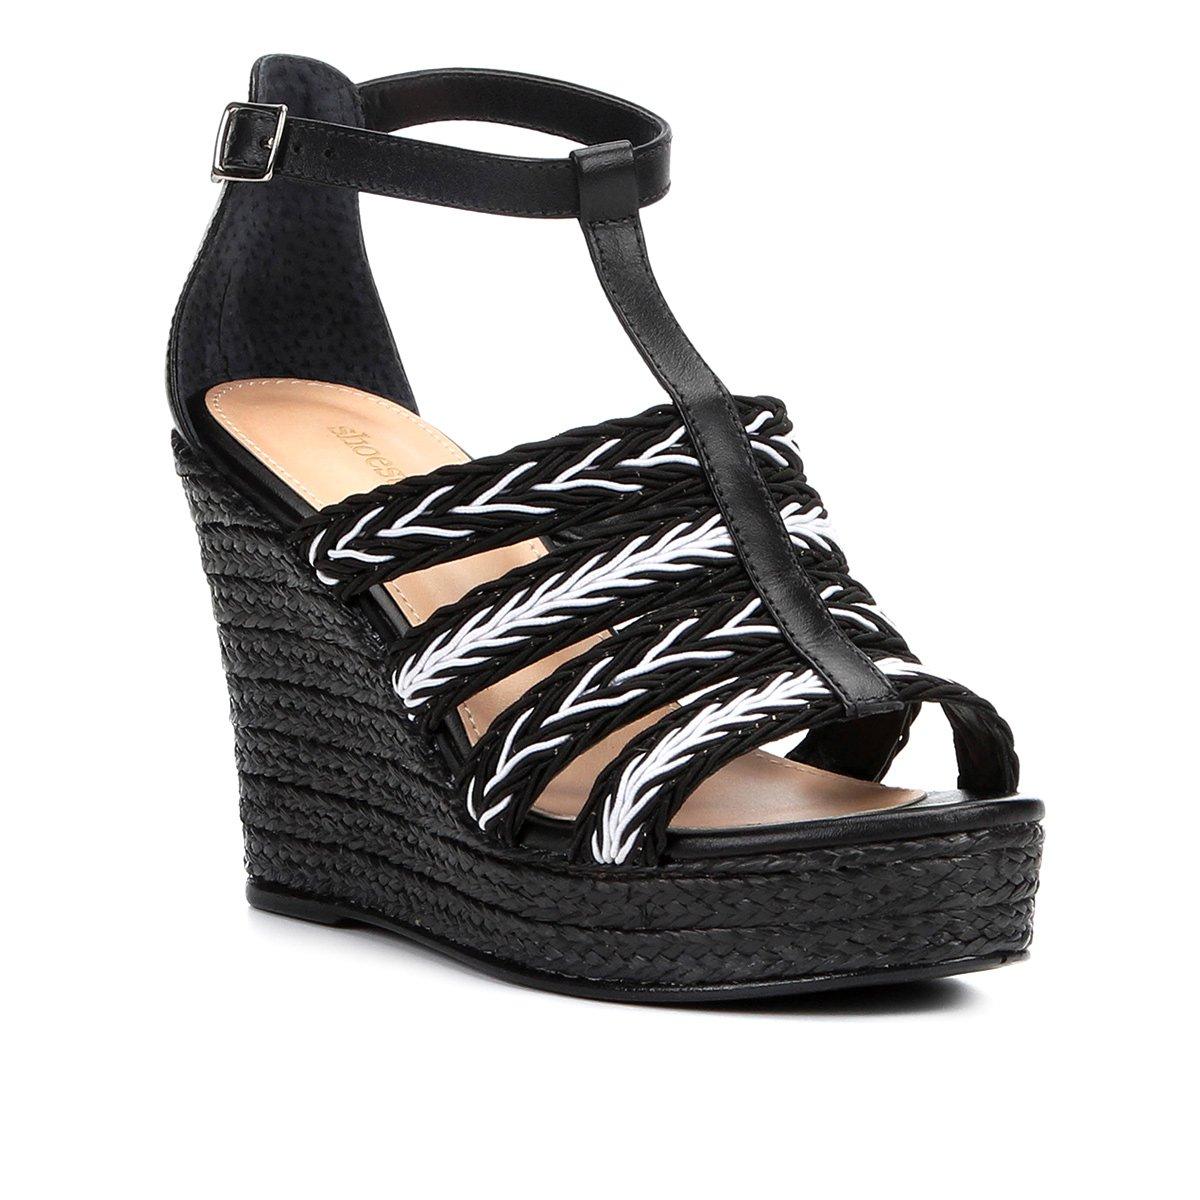 Foto 1 - Sandália Plataforma Couro Shoestock Tranças Feminina